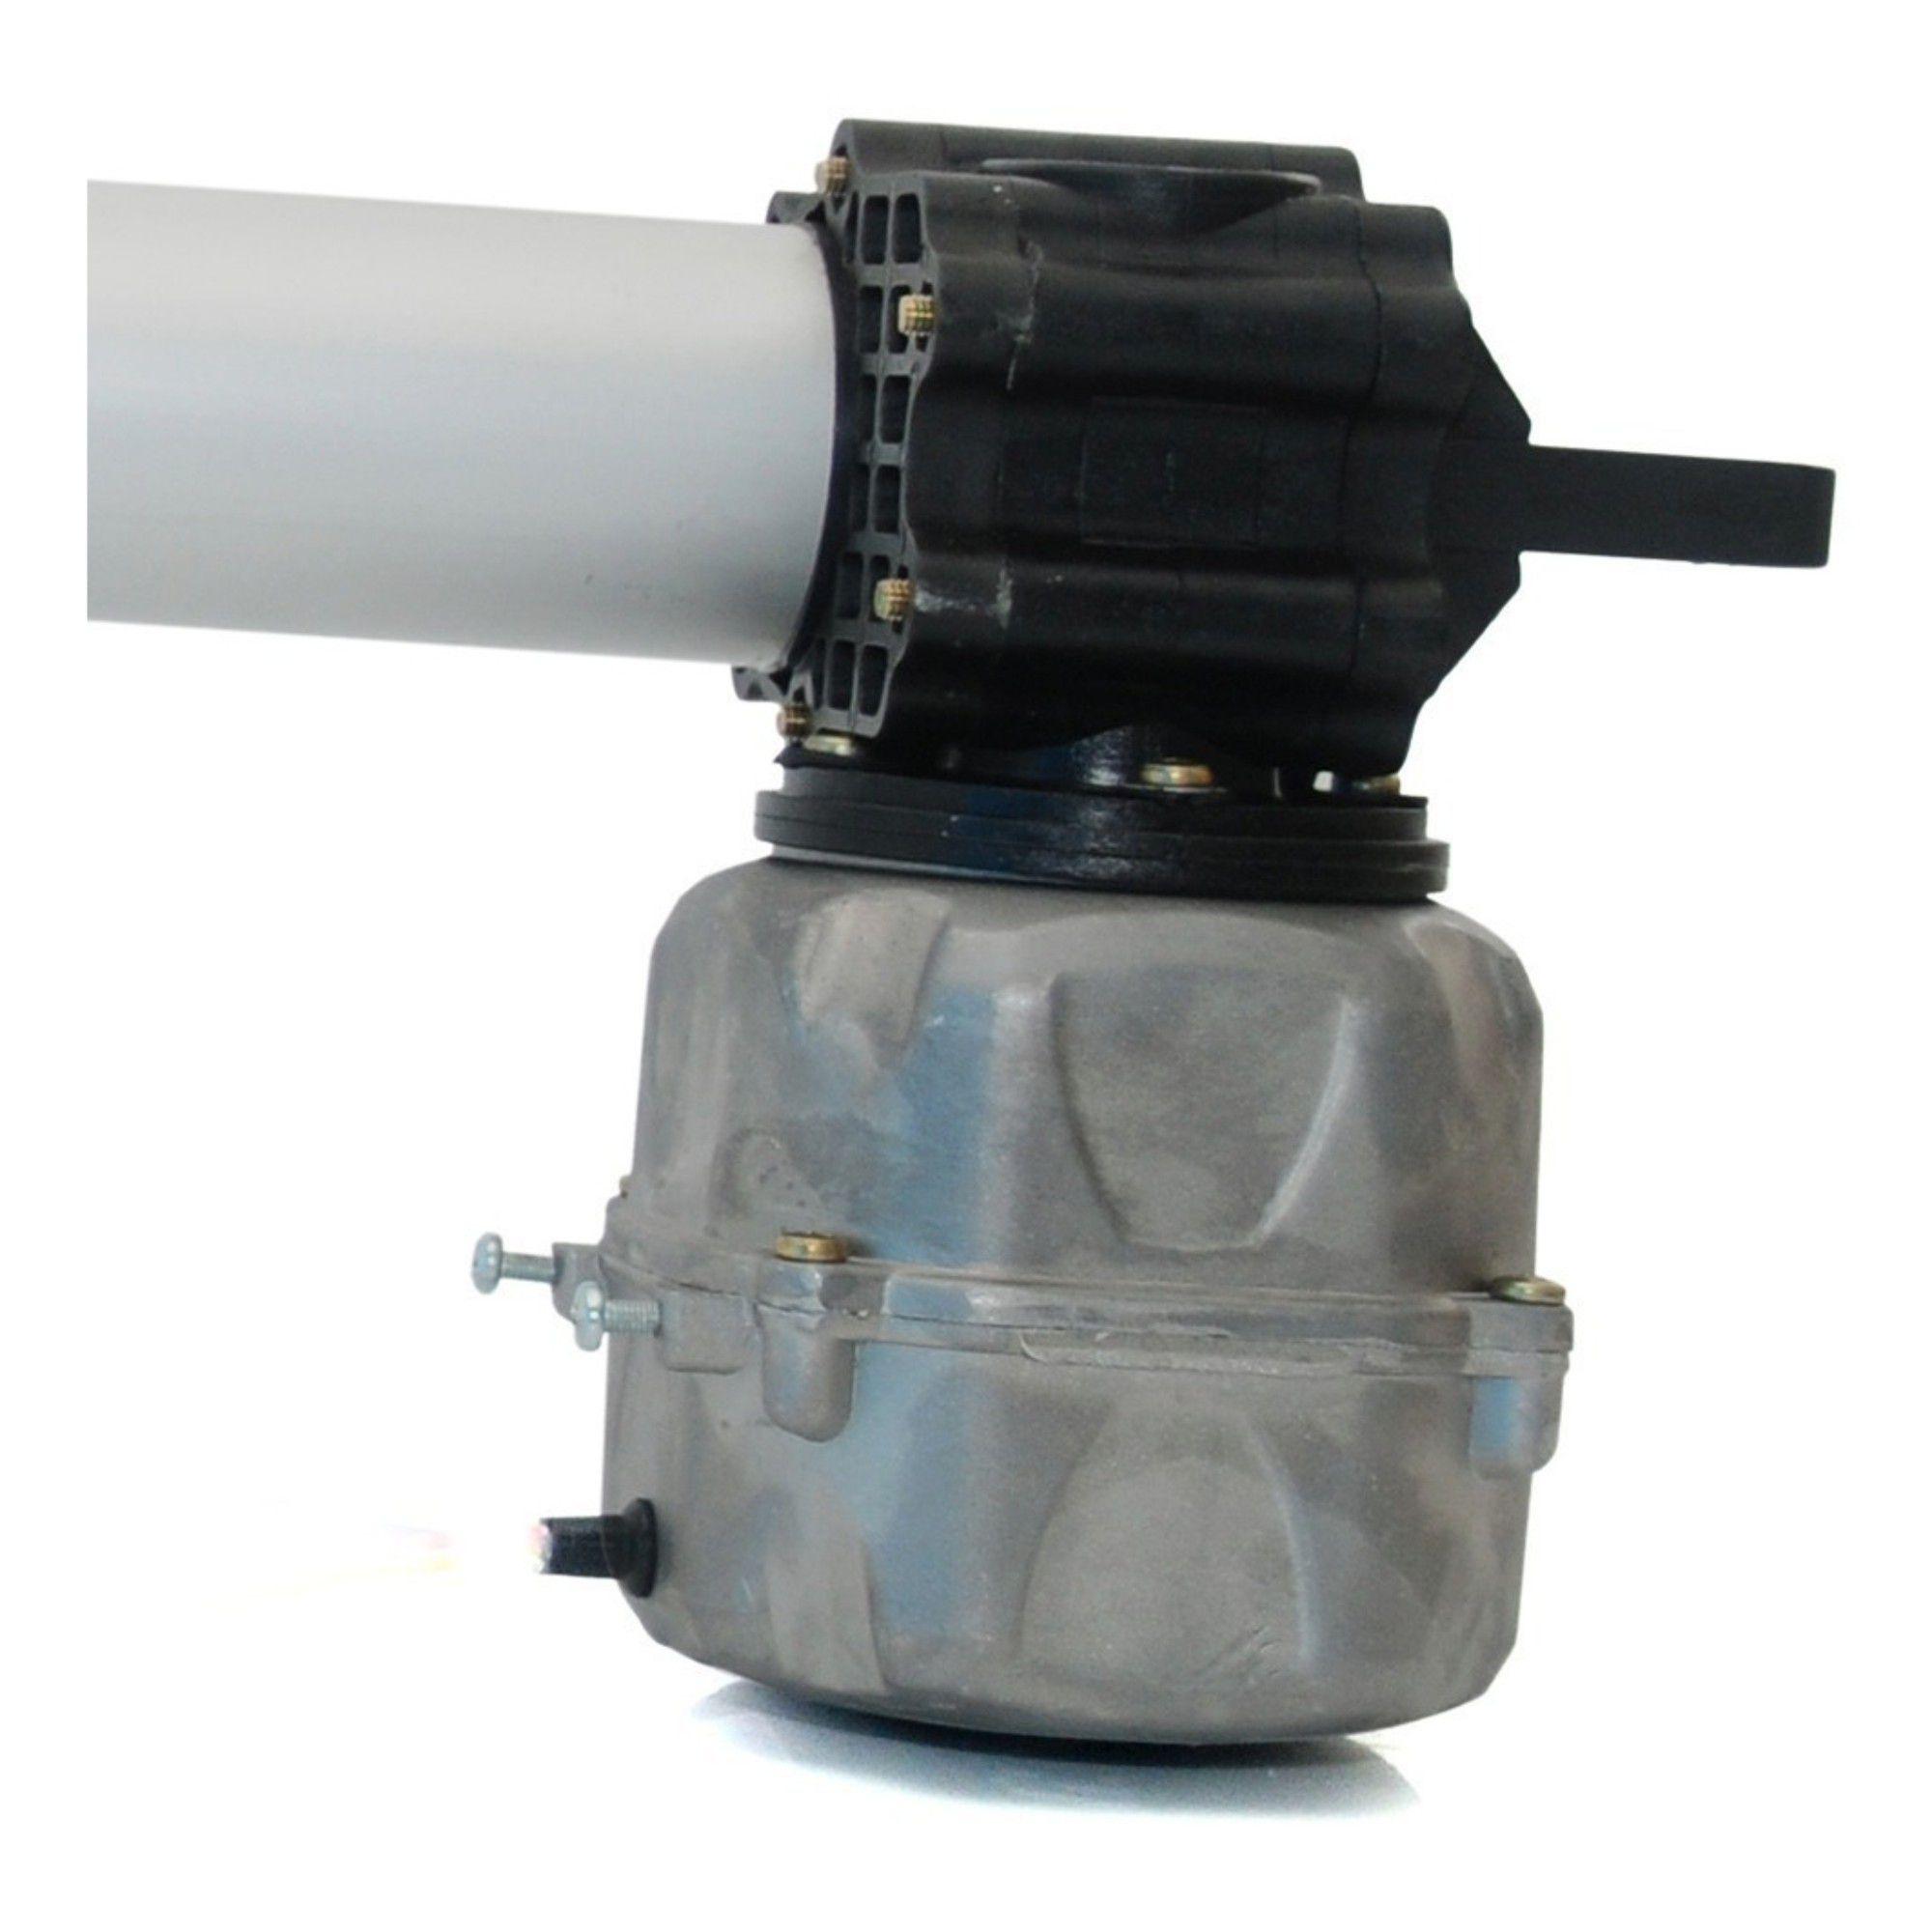 Motor Pivotante Rossi PLP3 500MM Duplo (2 Braços) 127v